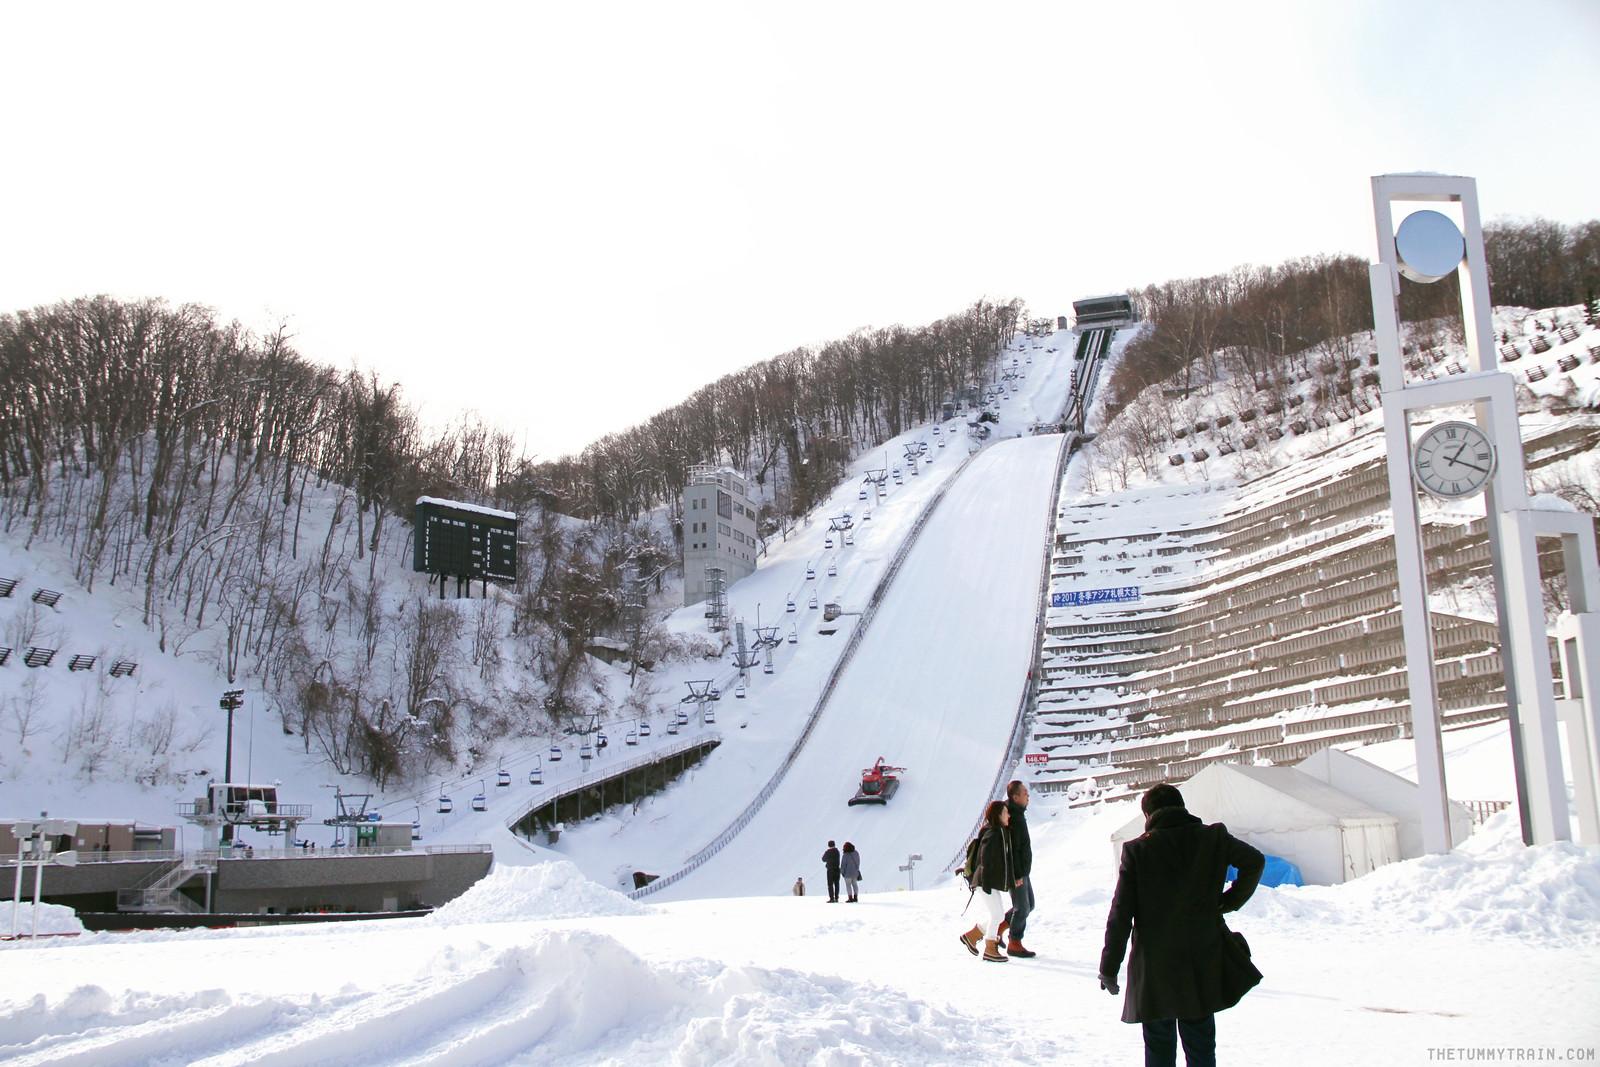 32876132216 cb23ce3c76 h - Sapporo Snow And Smile: 8 Unforgettable Winter Experiences in Sapporo City